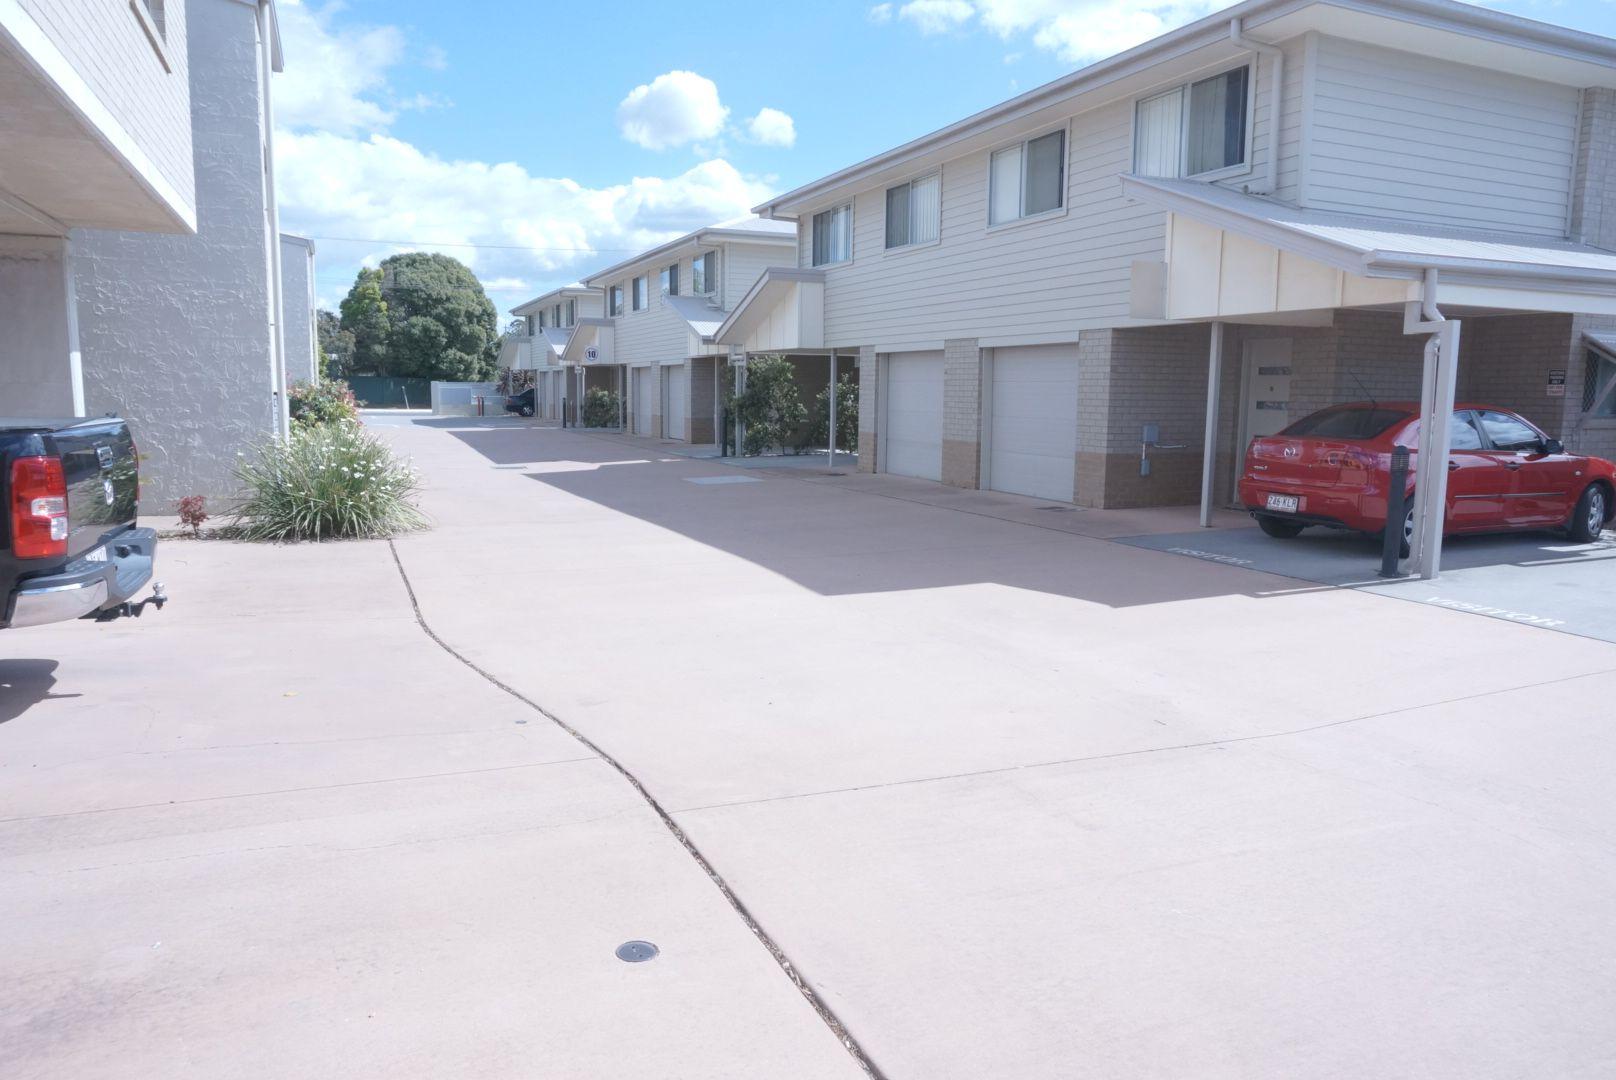 20/149 Duffield road, Kallangur QLD 4503, Image 13